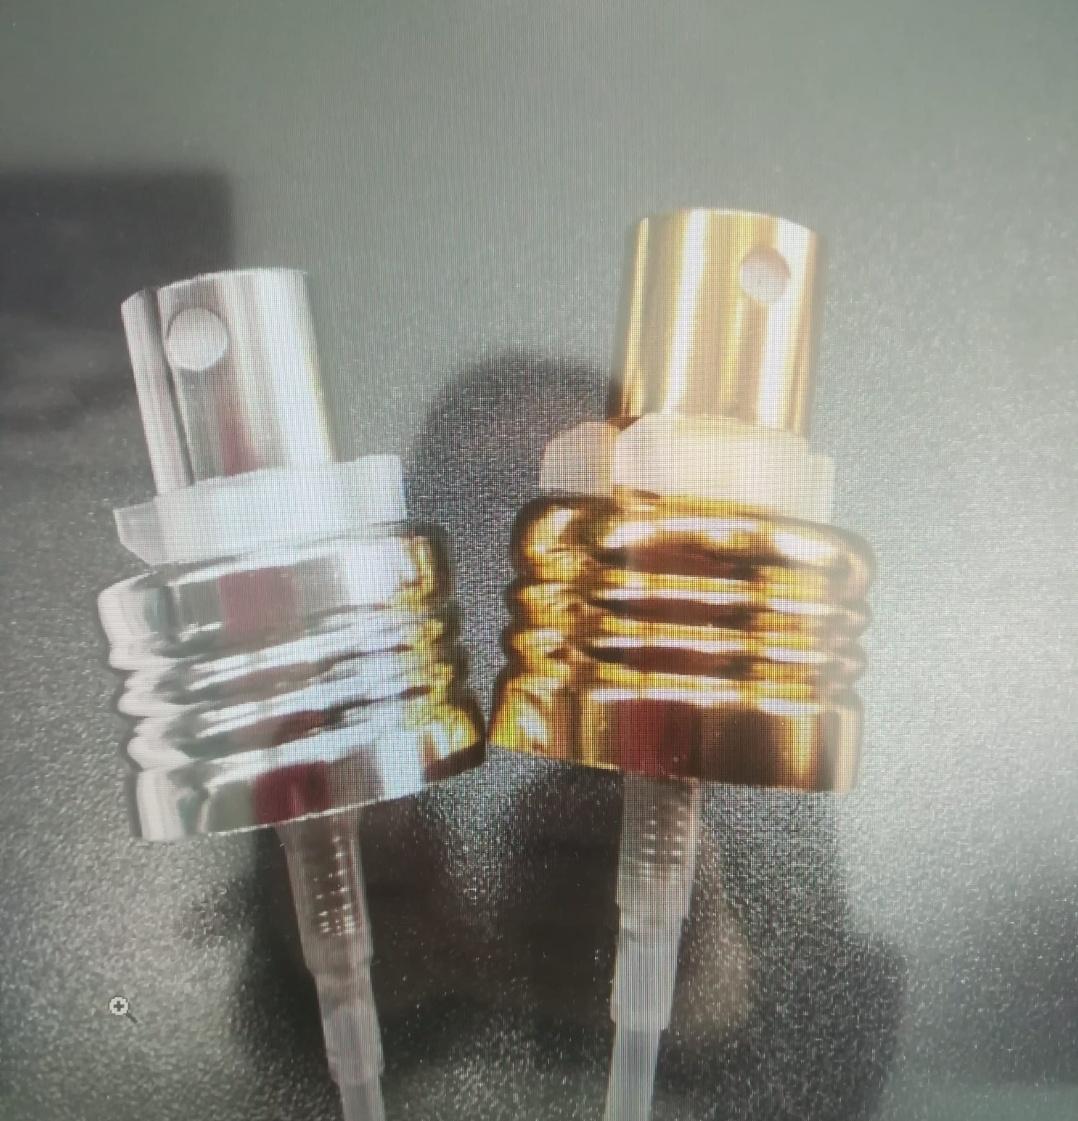 Prejeli smo povpraševanje po dobavi 200.000 aluminijastih sprajerjev 24/410